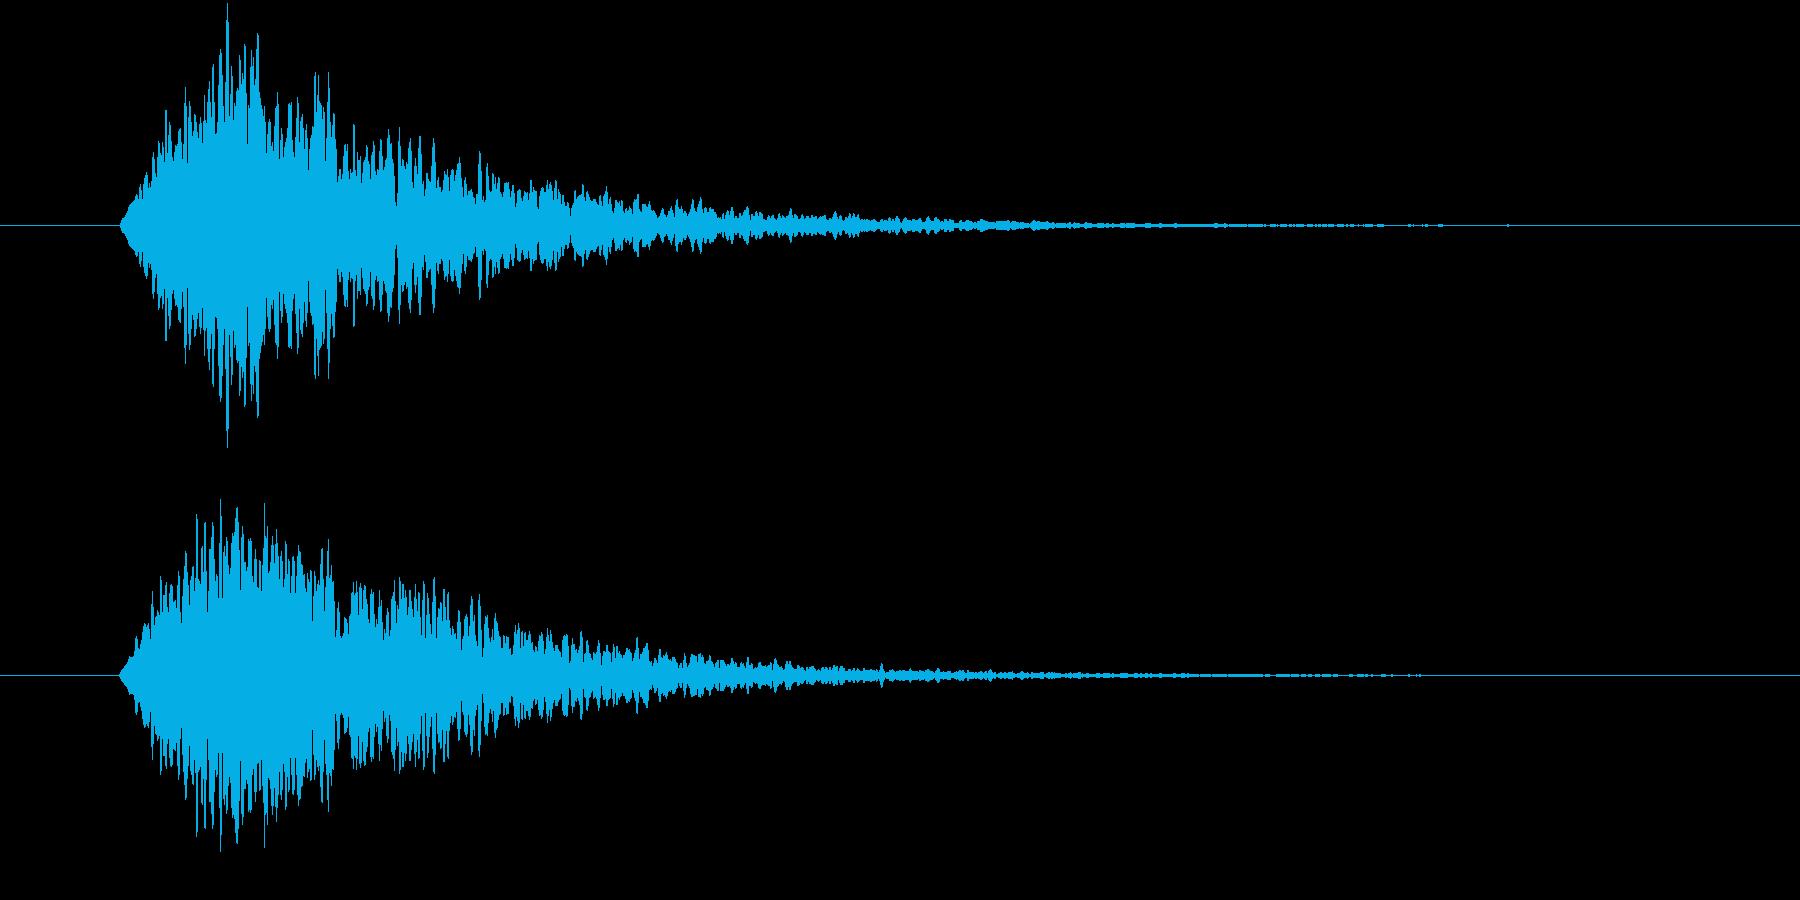 輝く・光属性魔法使用時の効果音(キーン)の再生済みの波形